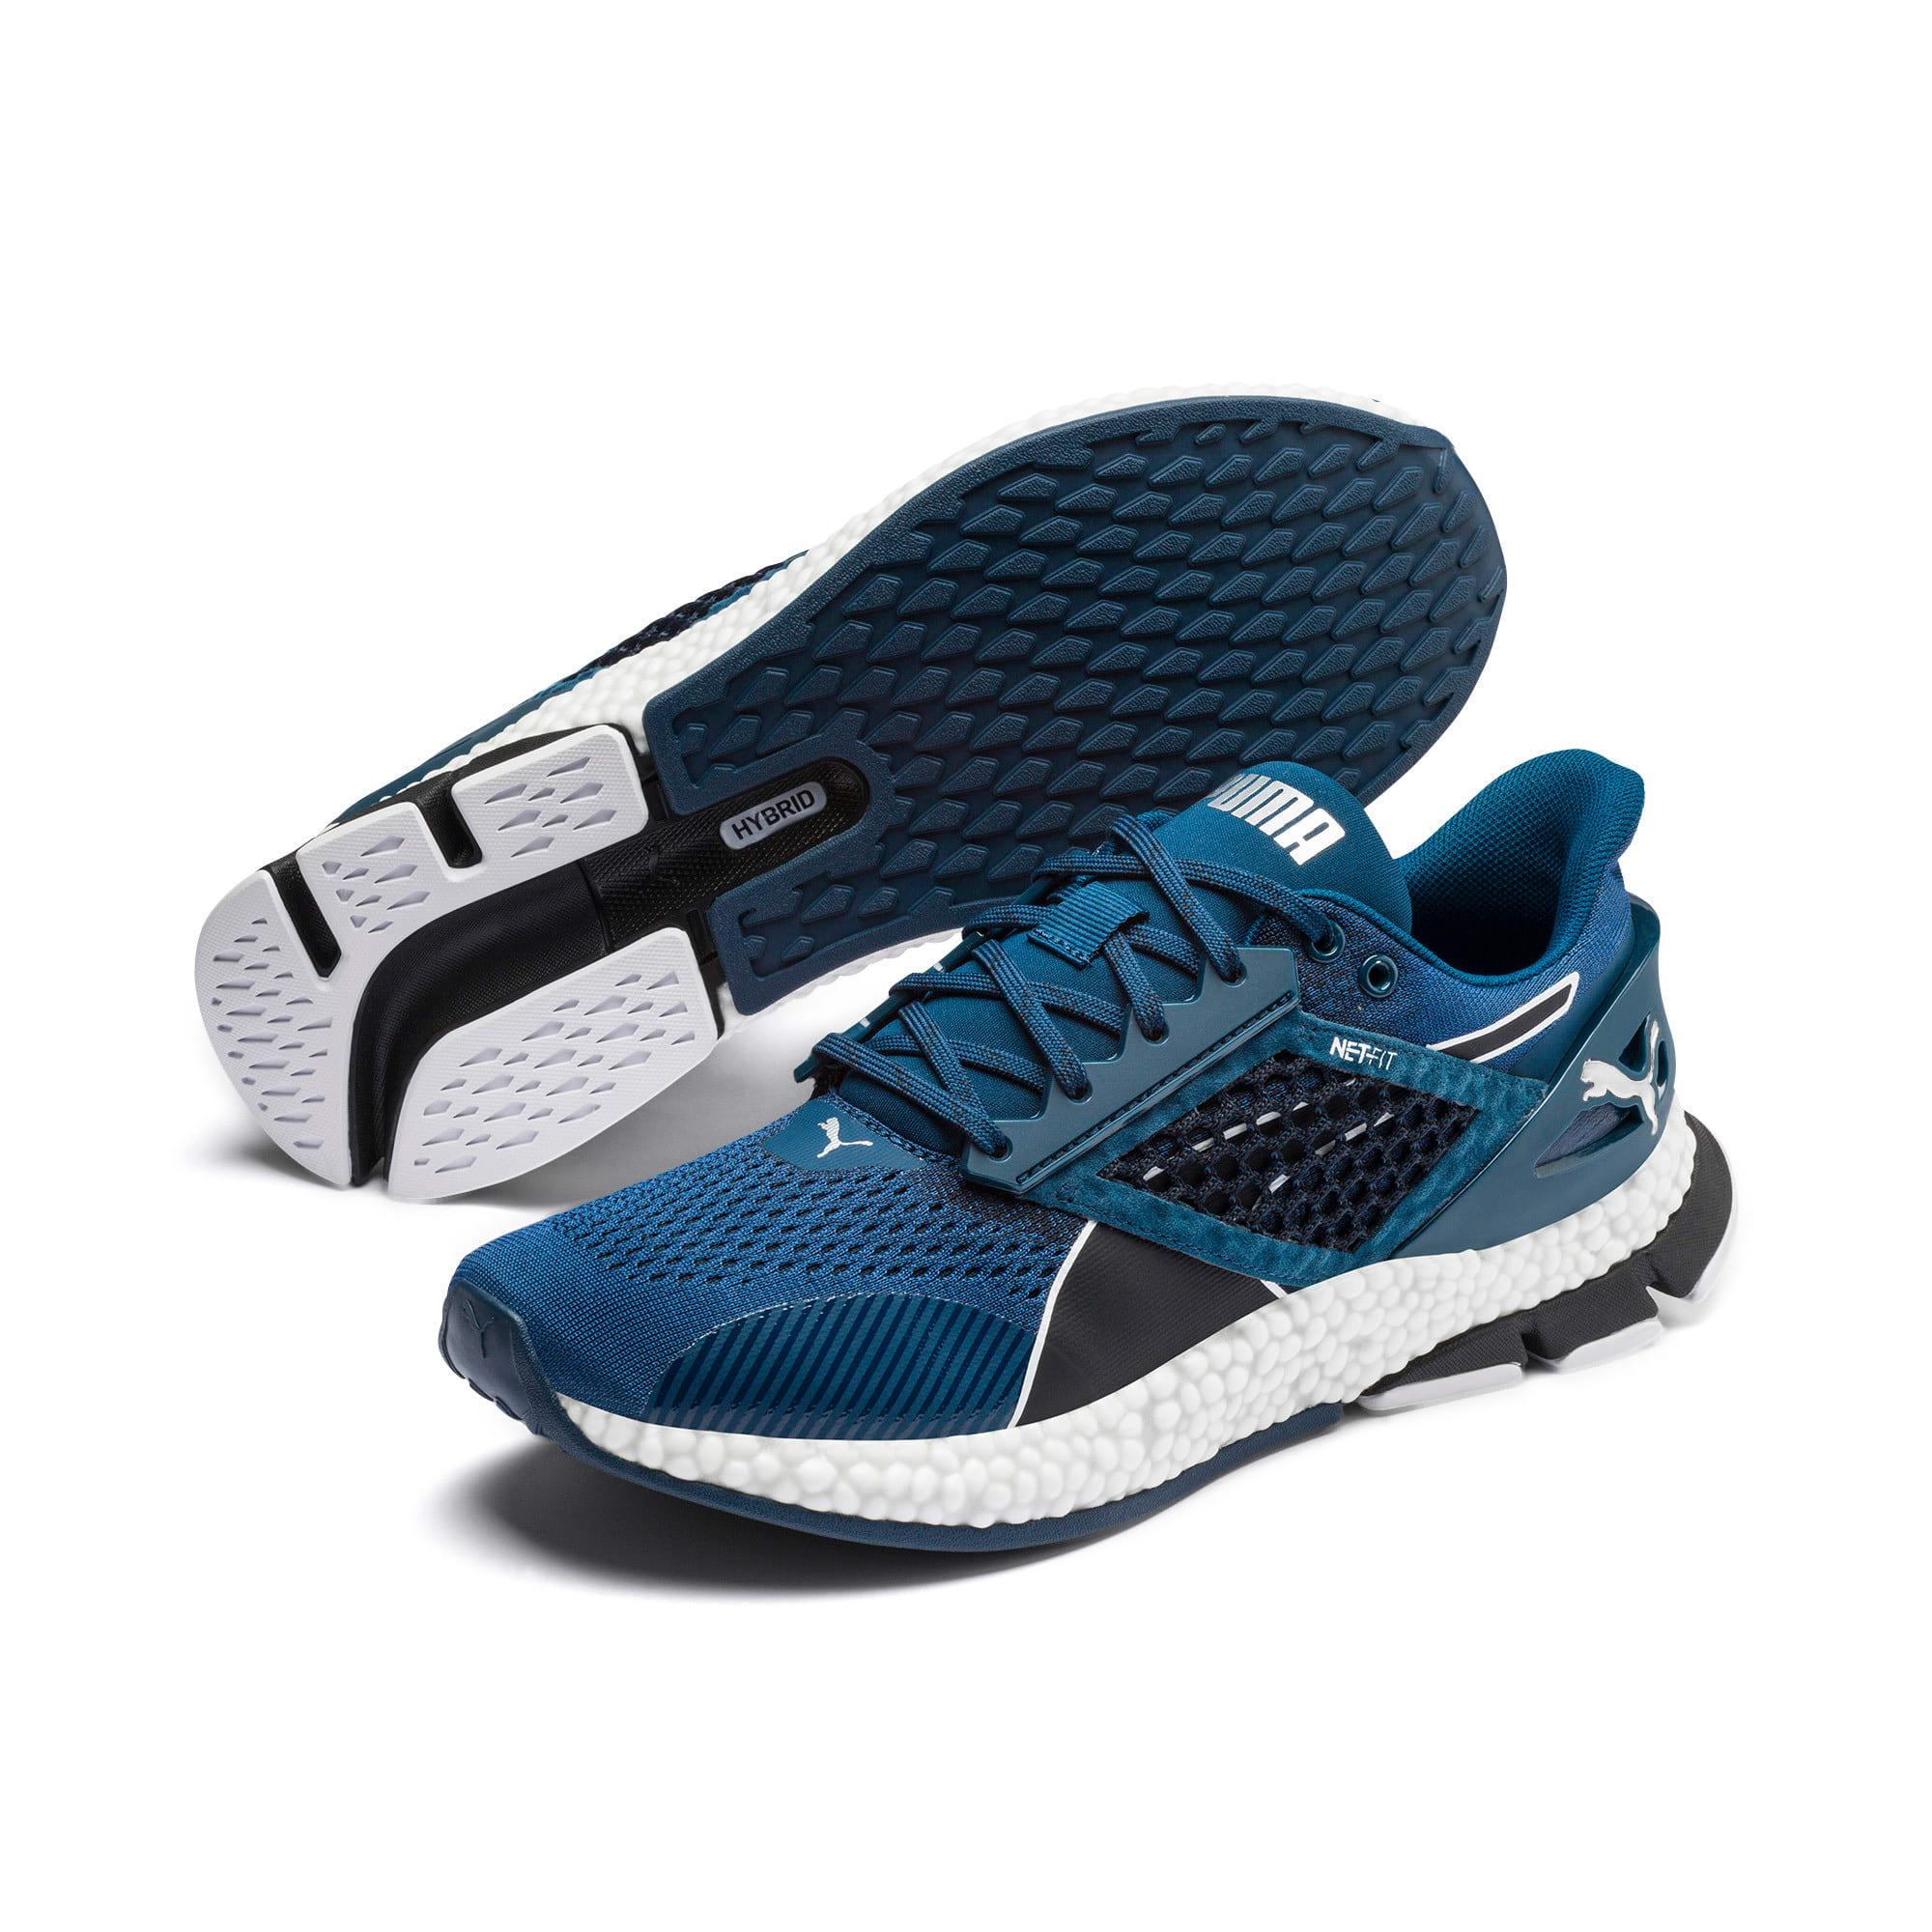 Thumbnail 2 of HYBRID Astro Men's Running Shoes, Black-Gibraltr Sea-Jaffa Org, medium